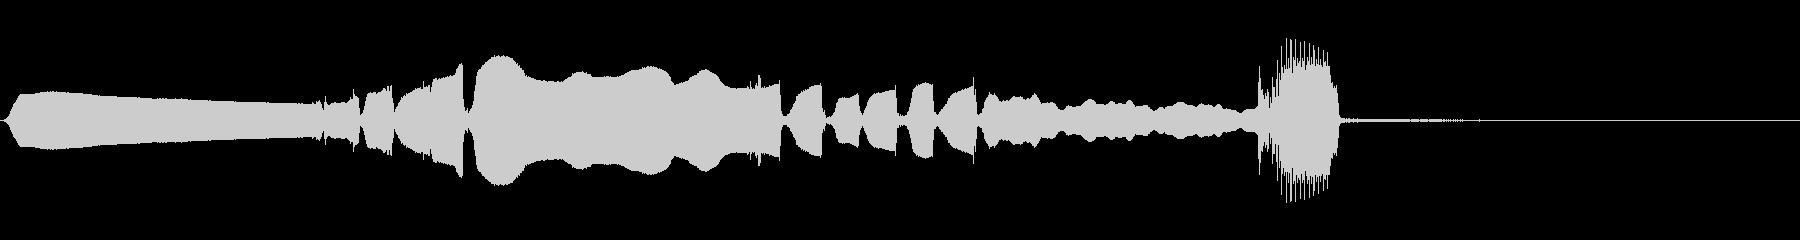 アコーデオン:奇数音楽アクセント、...の未再生の波形